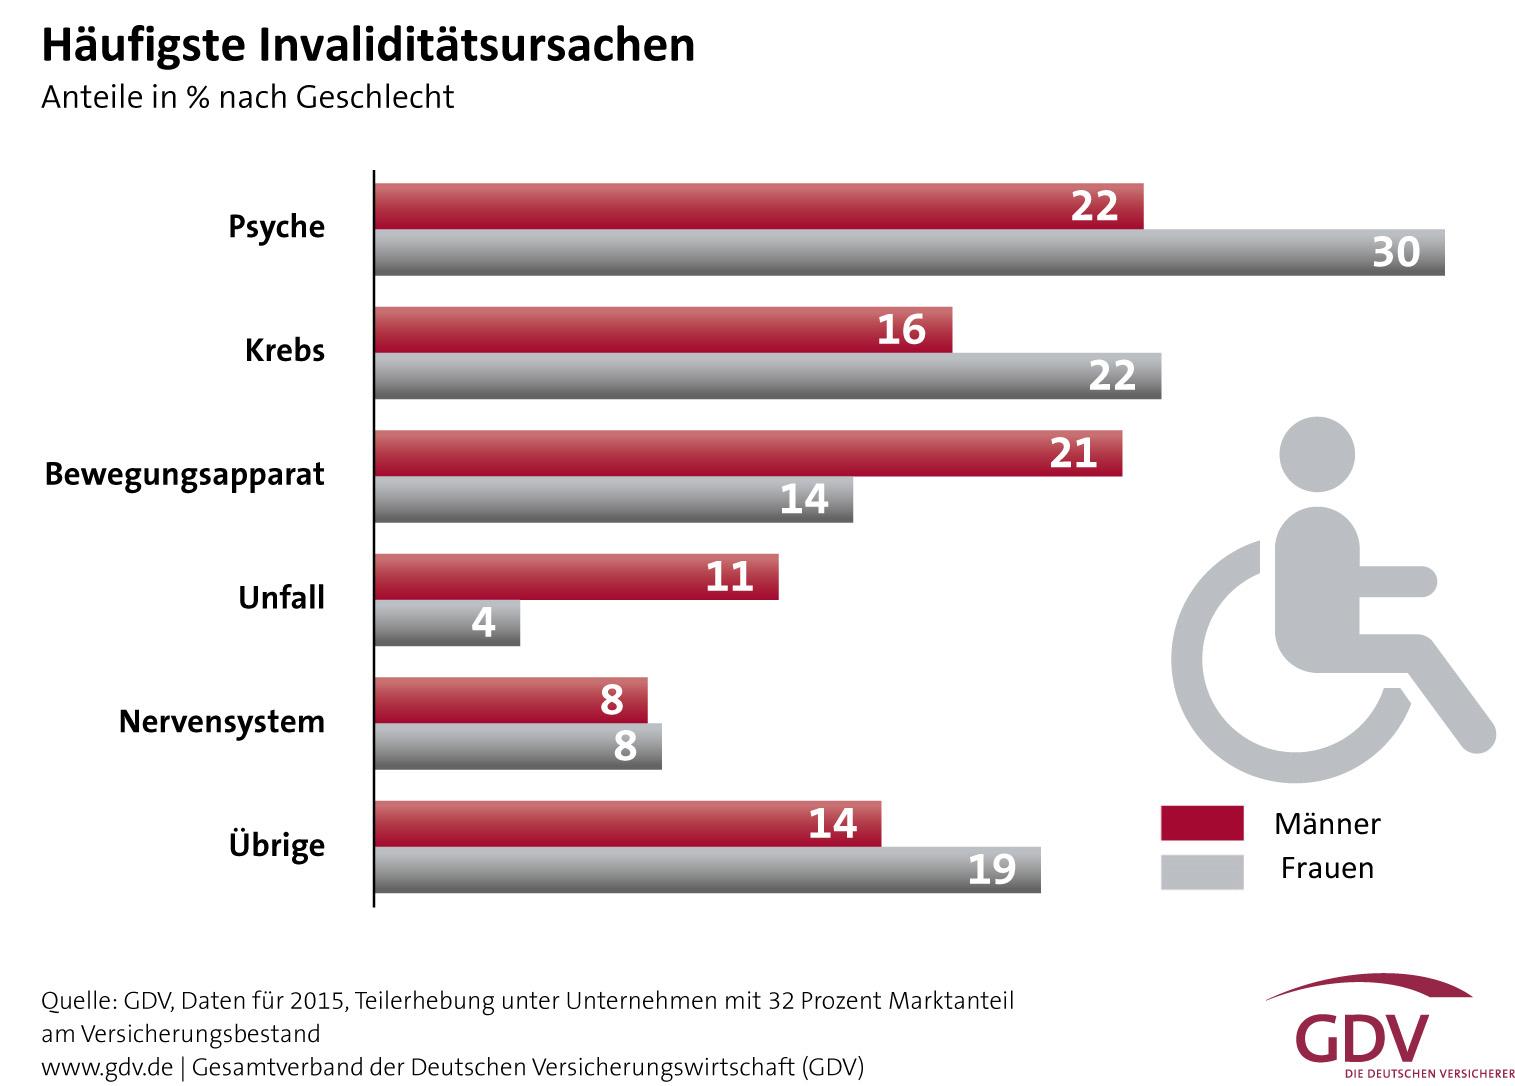 häufigste Invaliditätsursachen